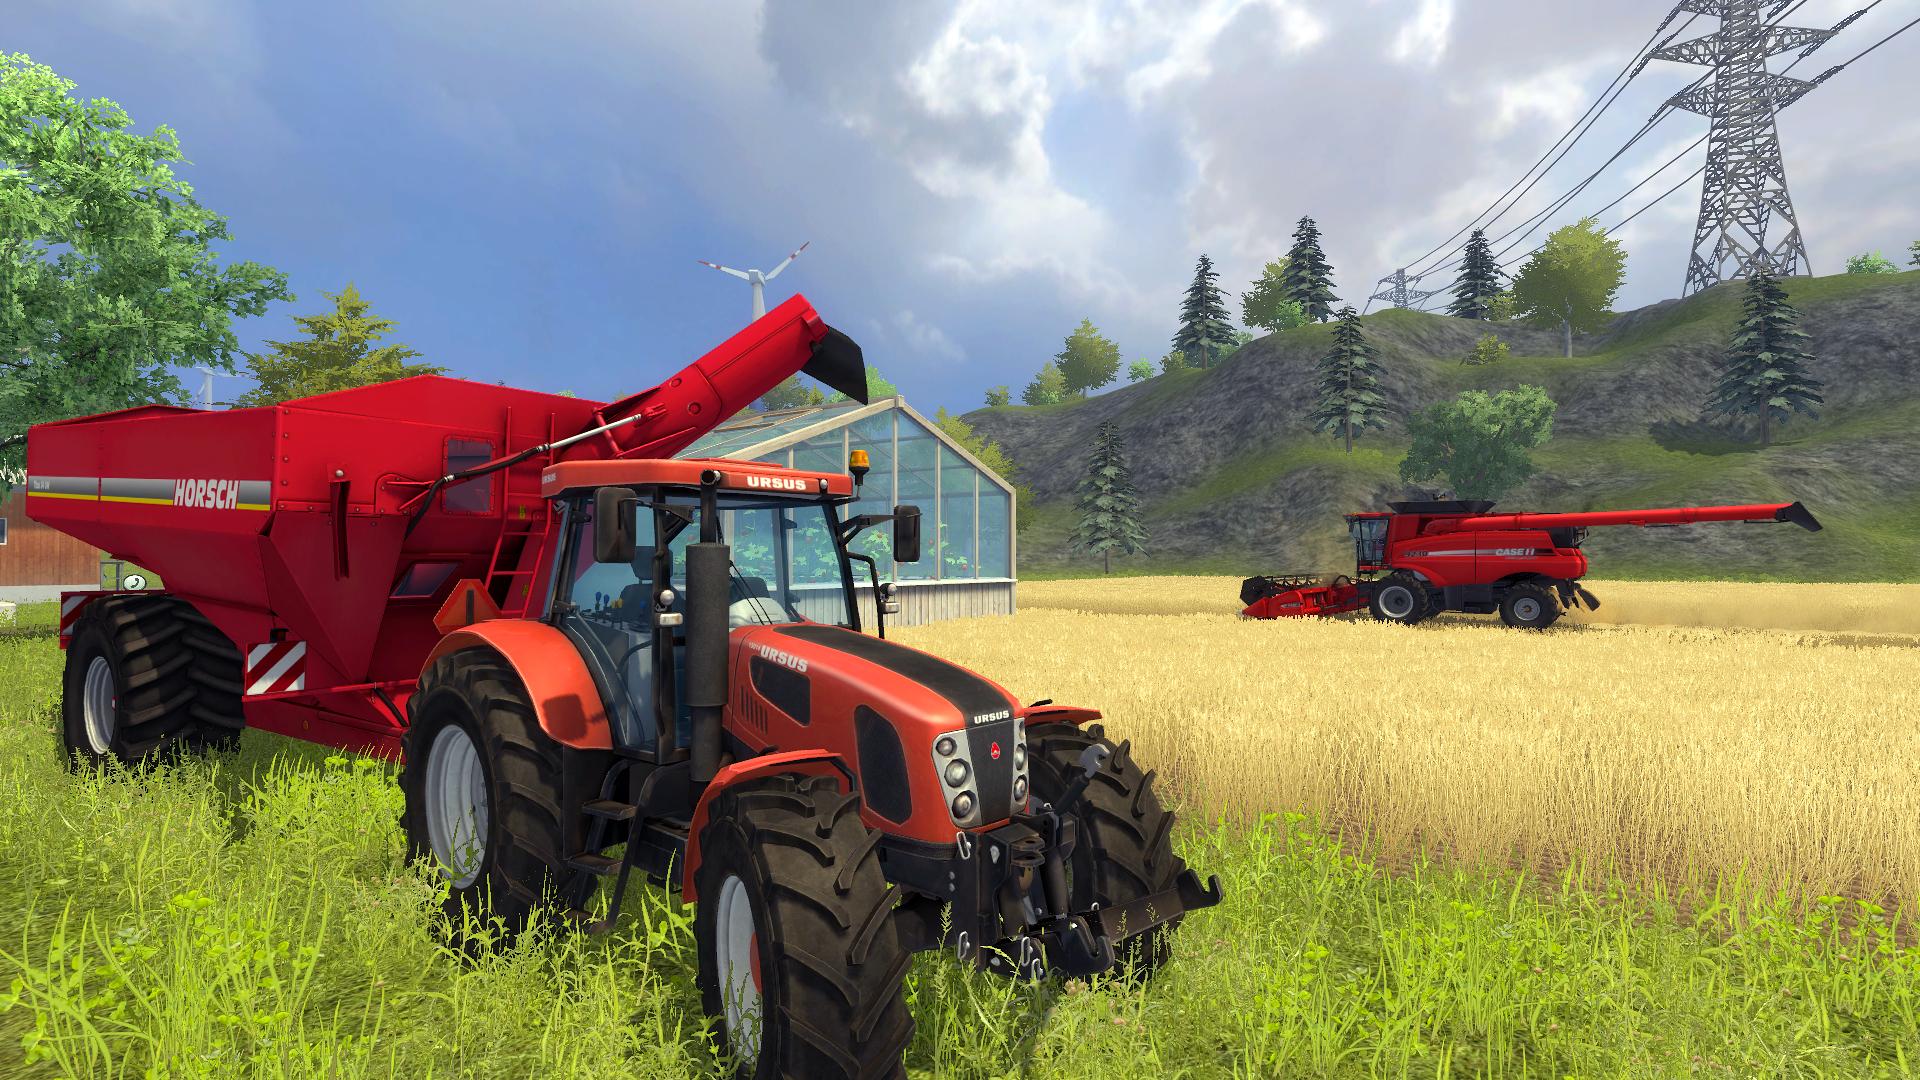 Моды для Farming Simulator 2 11/2 13/2 15 | ВКонтакте